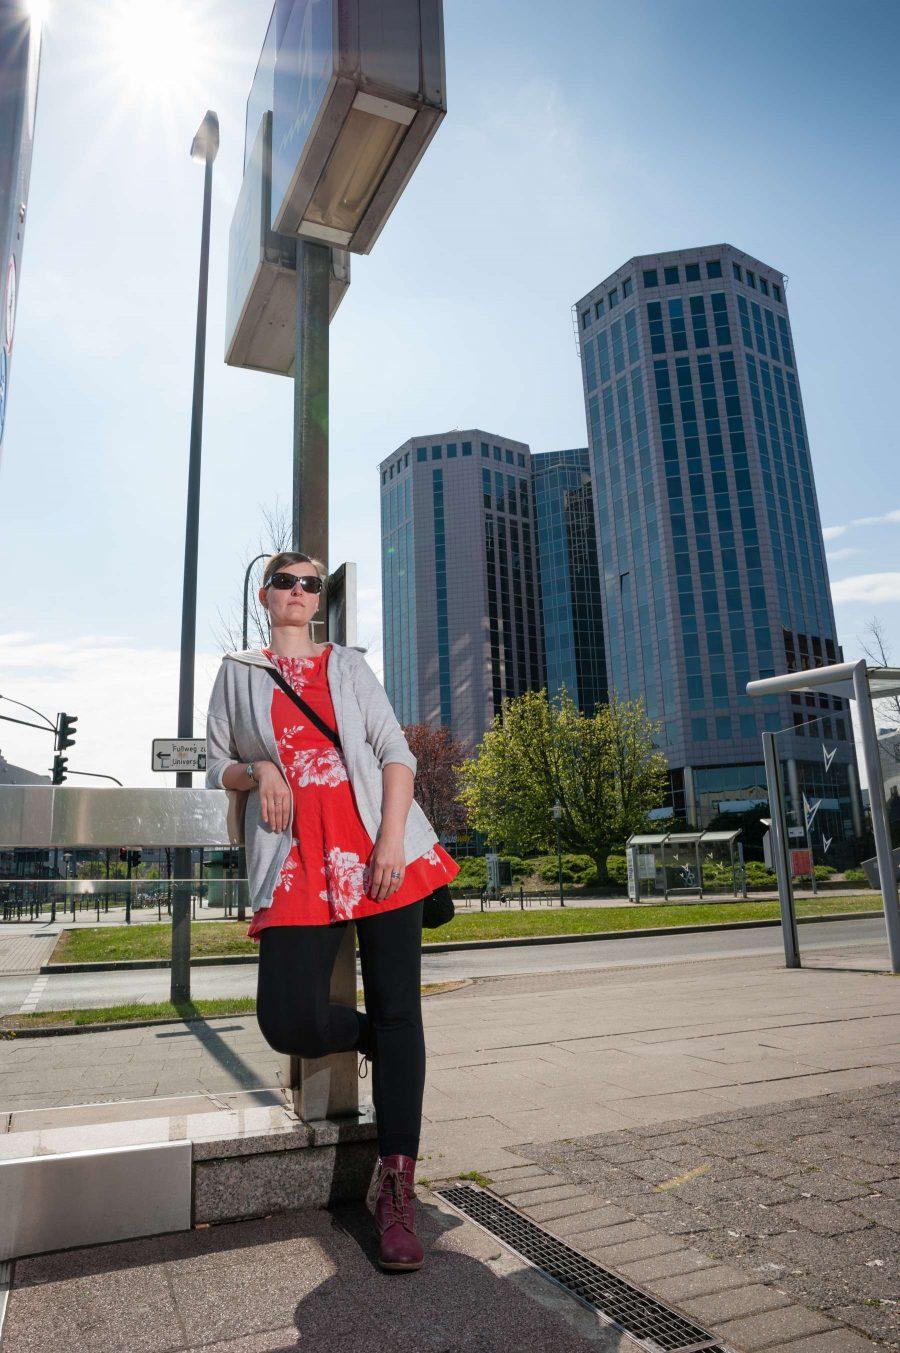 Personenfotograf Essen - Fashionshooting einer jungen Frau mit rotem Kleid im eleganten Stil am Berliner Platz